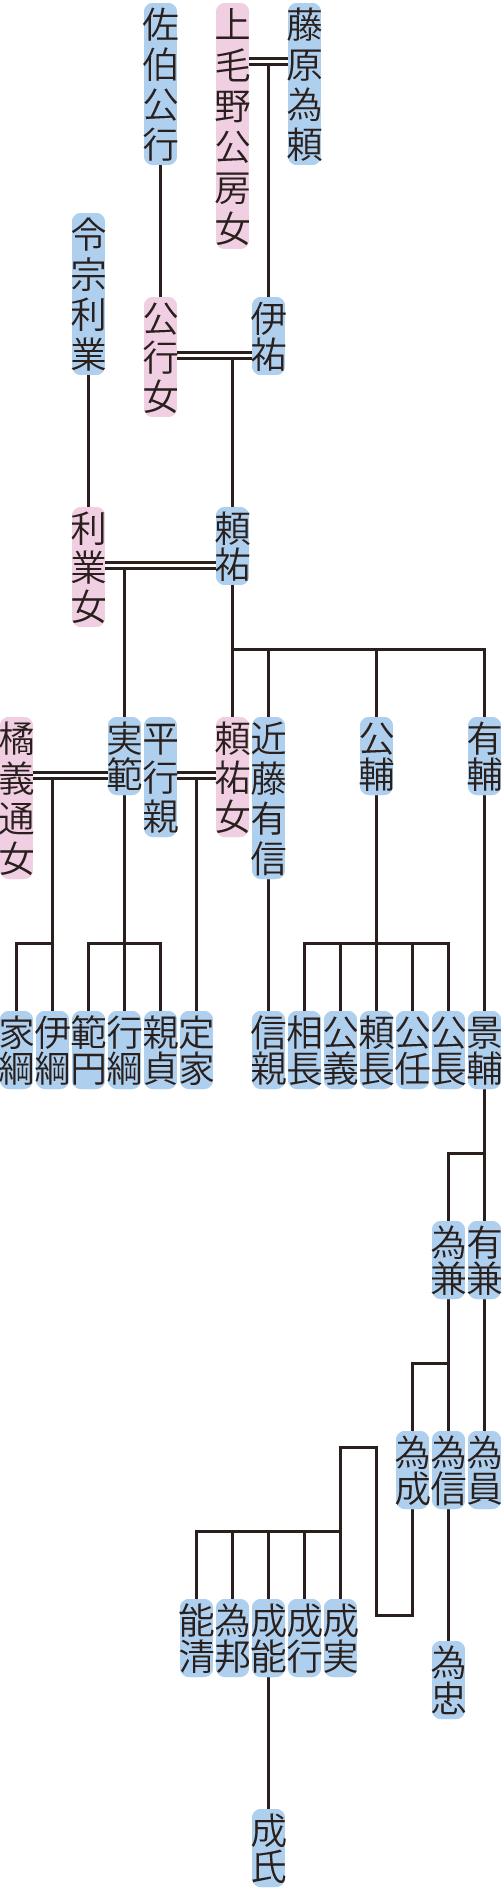 藤原頼祐の系図